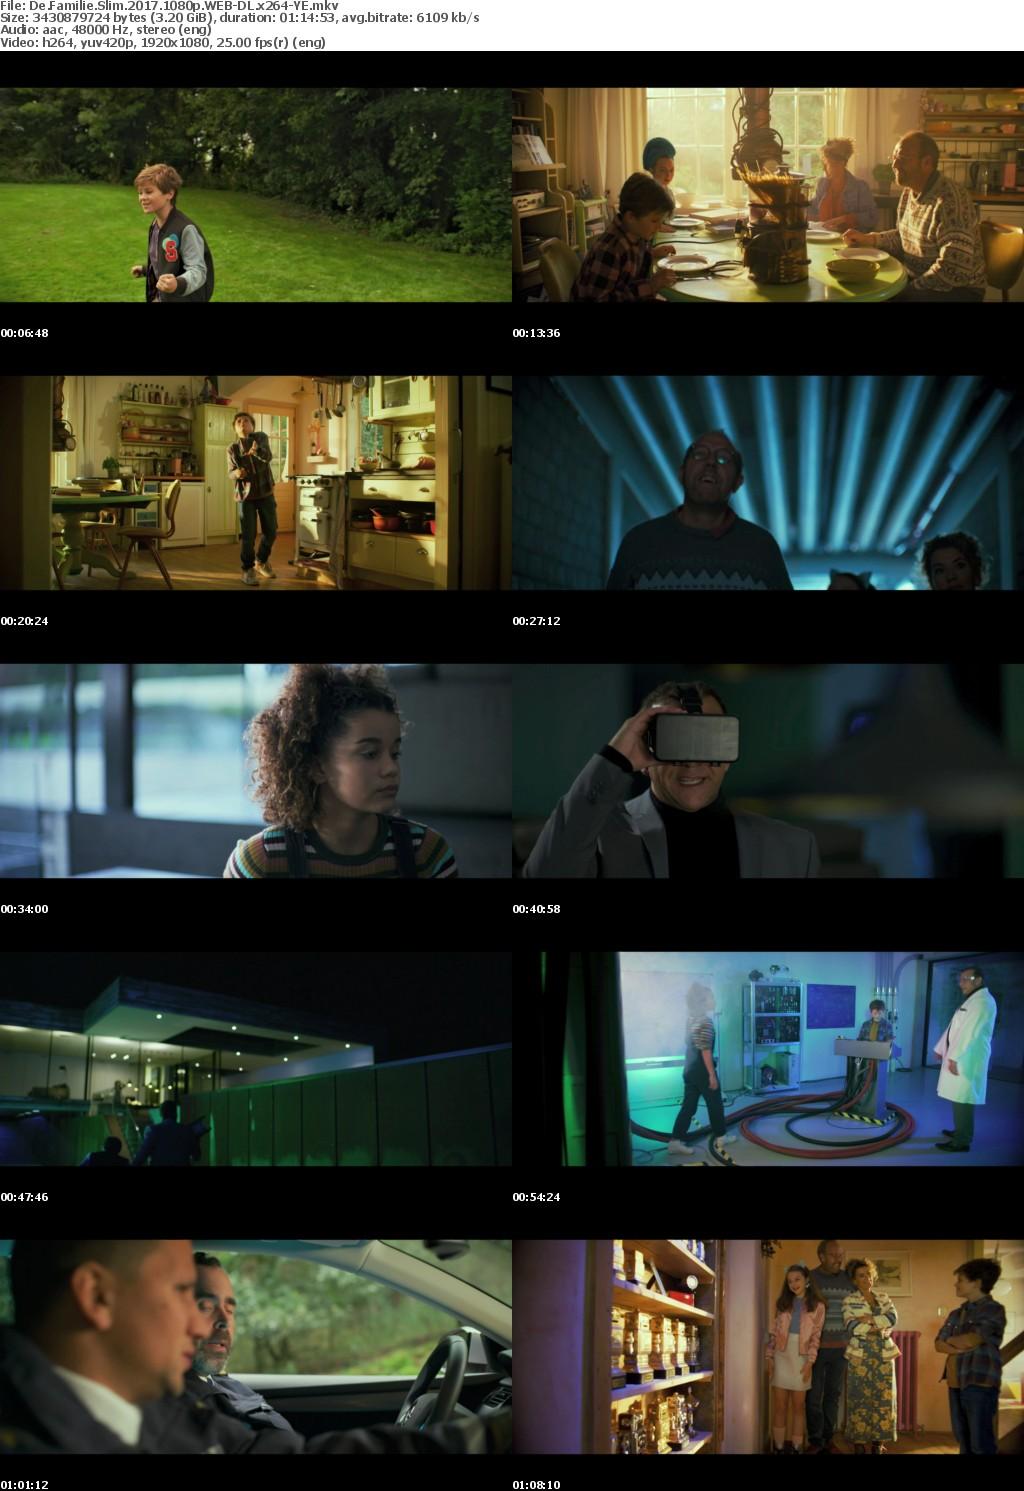 De Familie Slim (2017) 1080p WEB-DL x264-YE